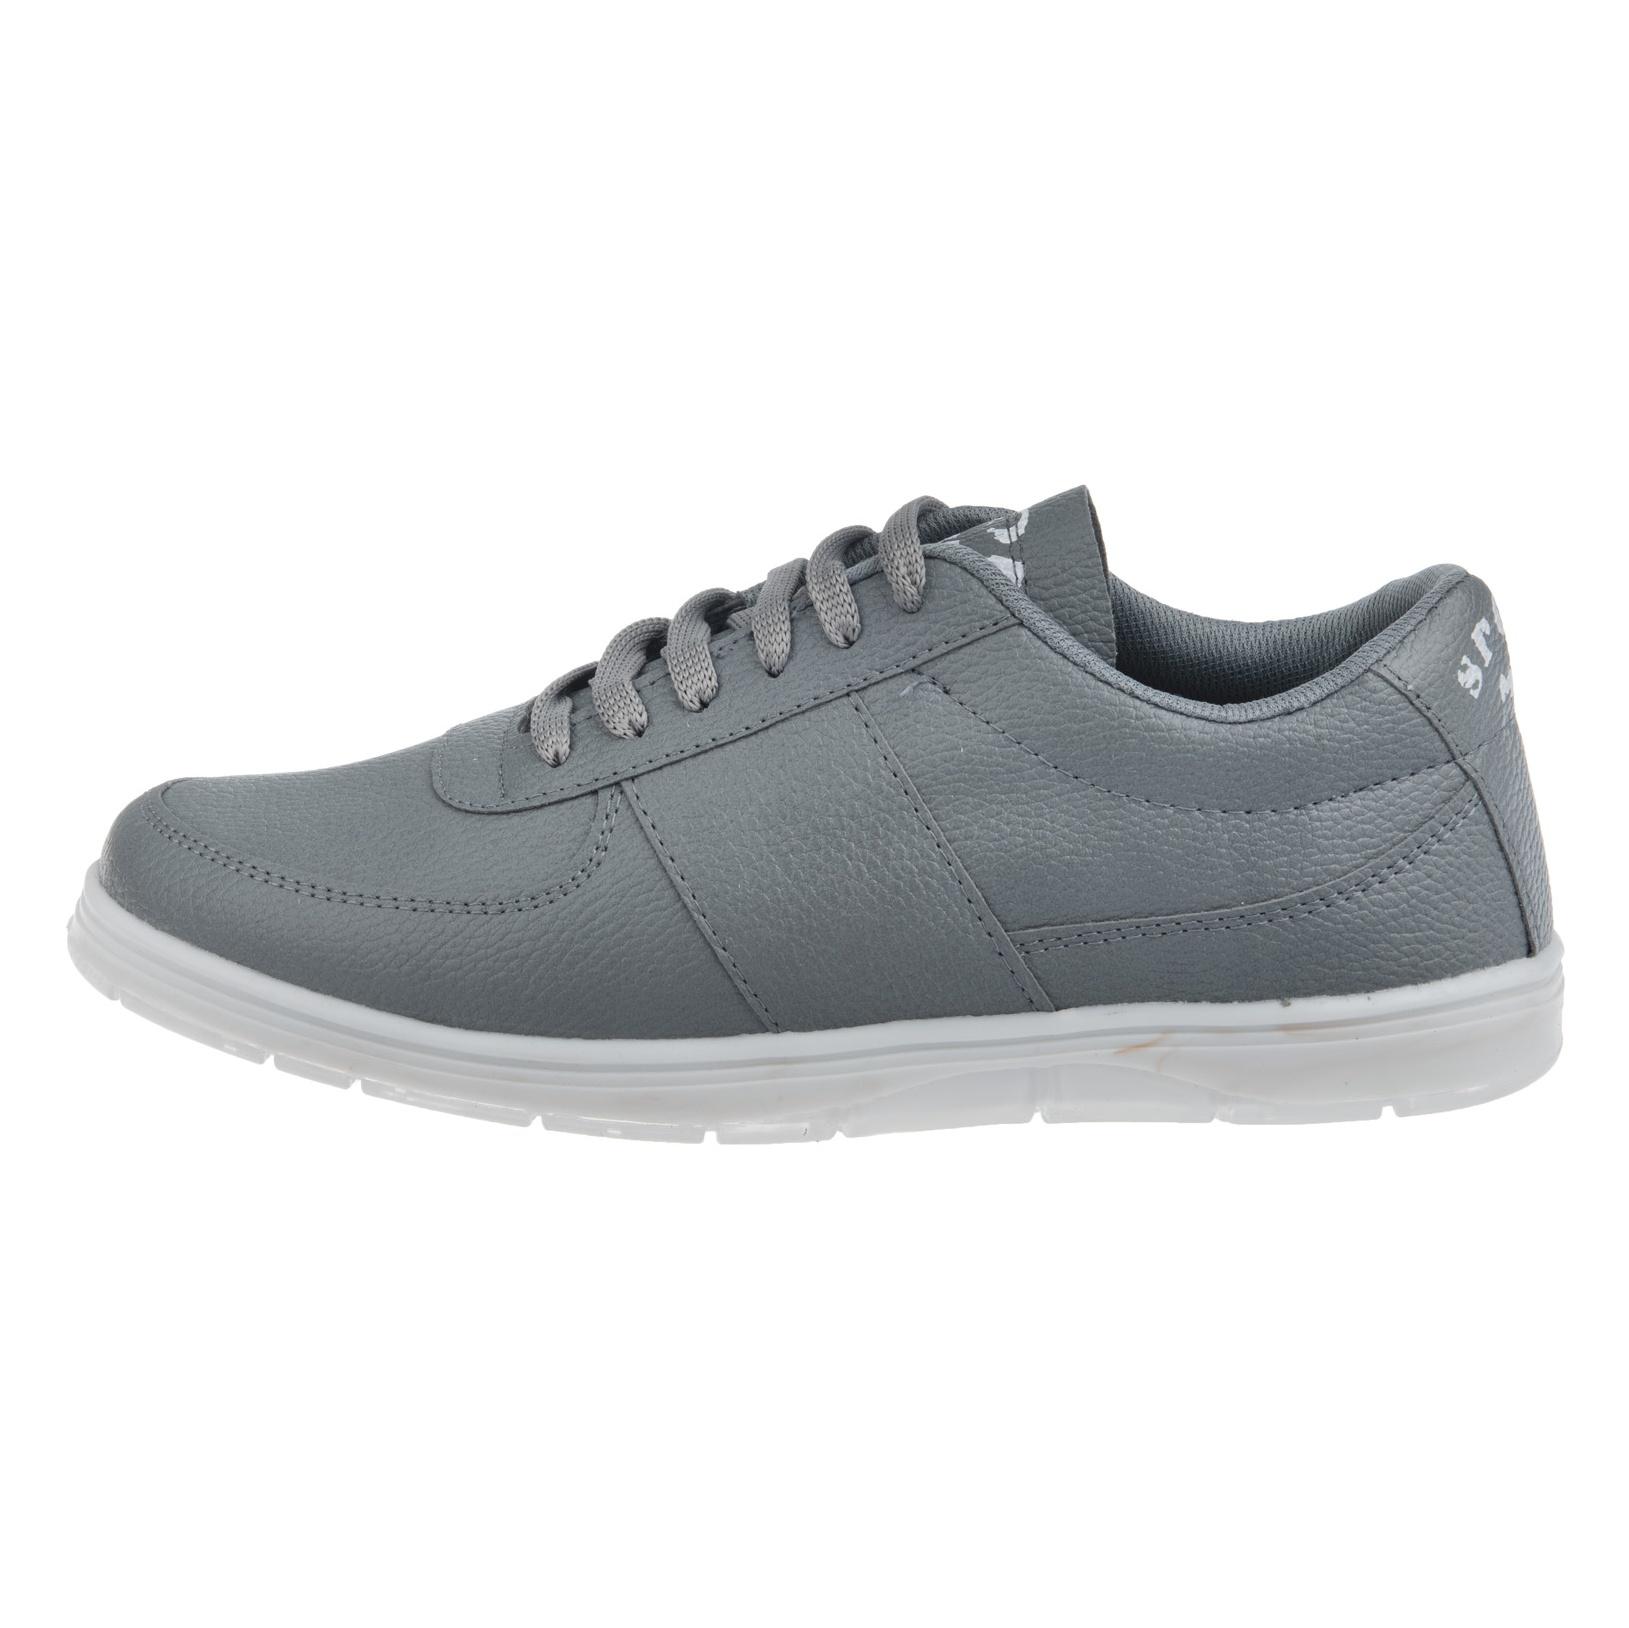 کفش ورزشی مردانه اسپرت من مدل 39787-1-21